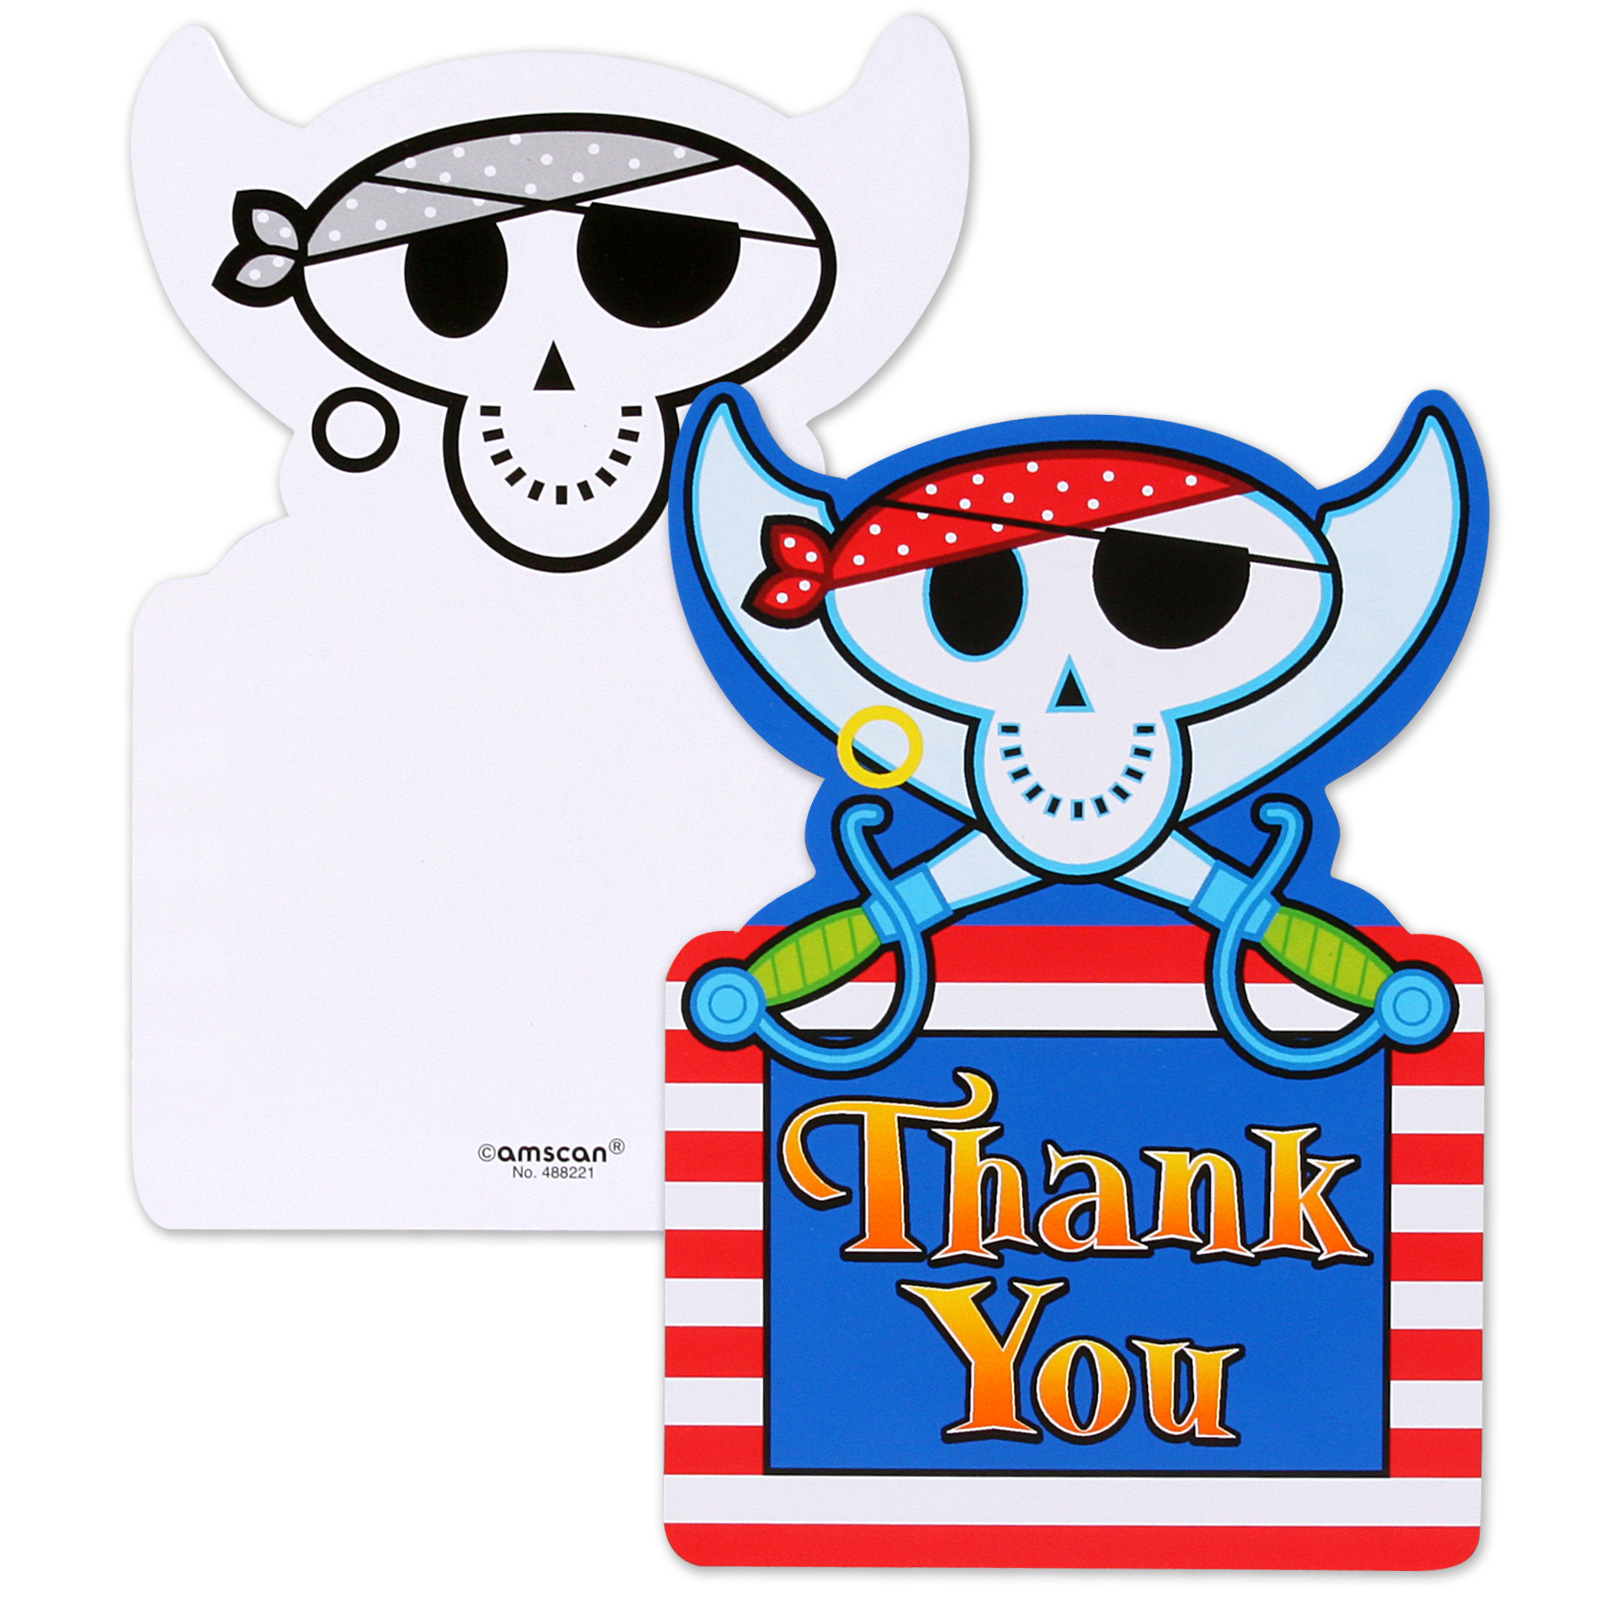 http://images.buycostumes.com/mgen/merchandiser/23465.jpg